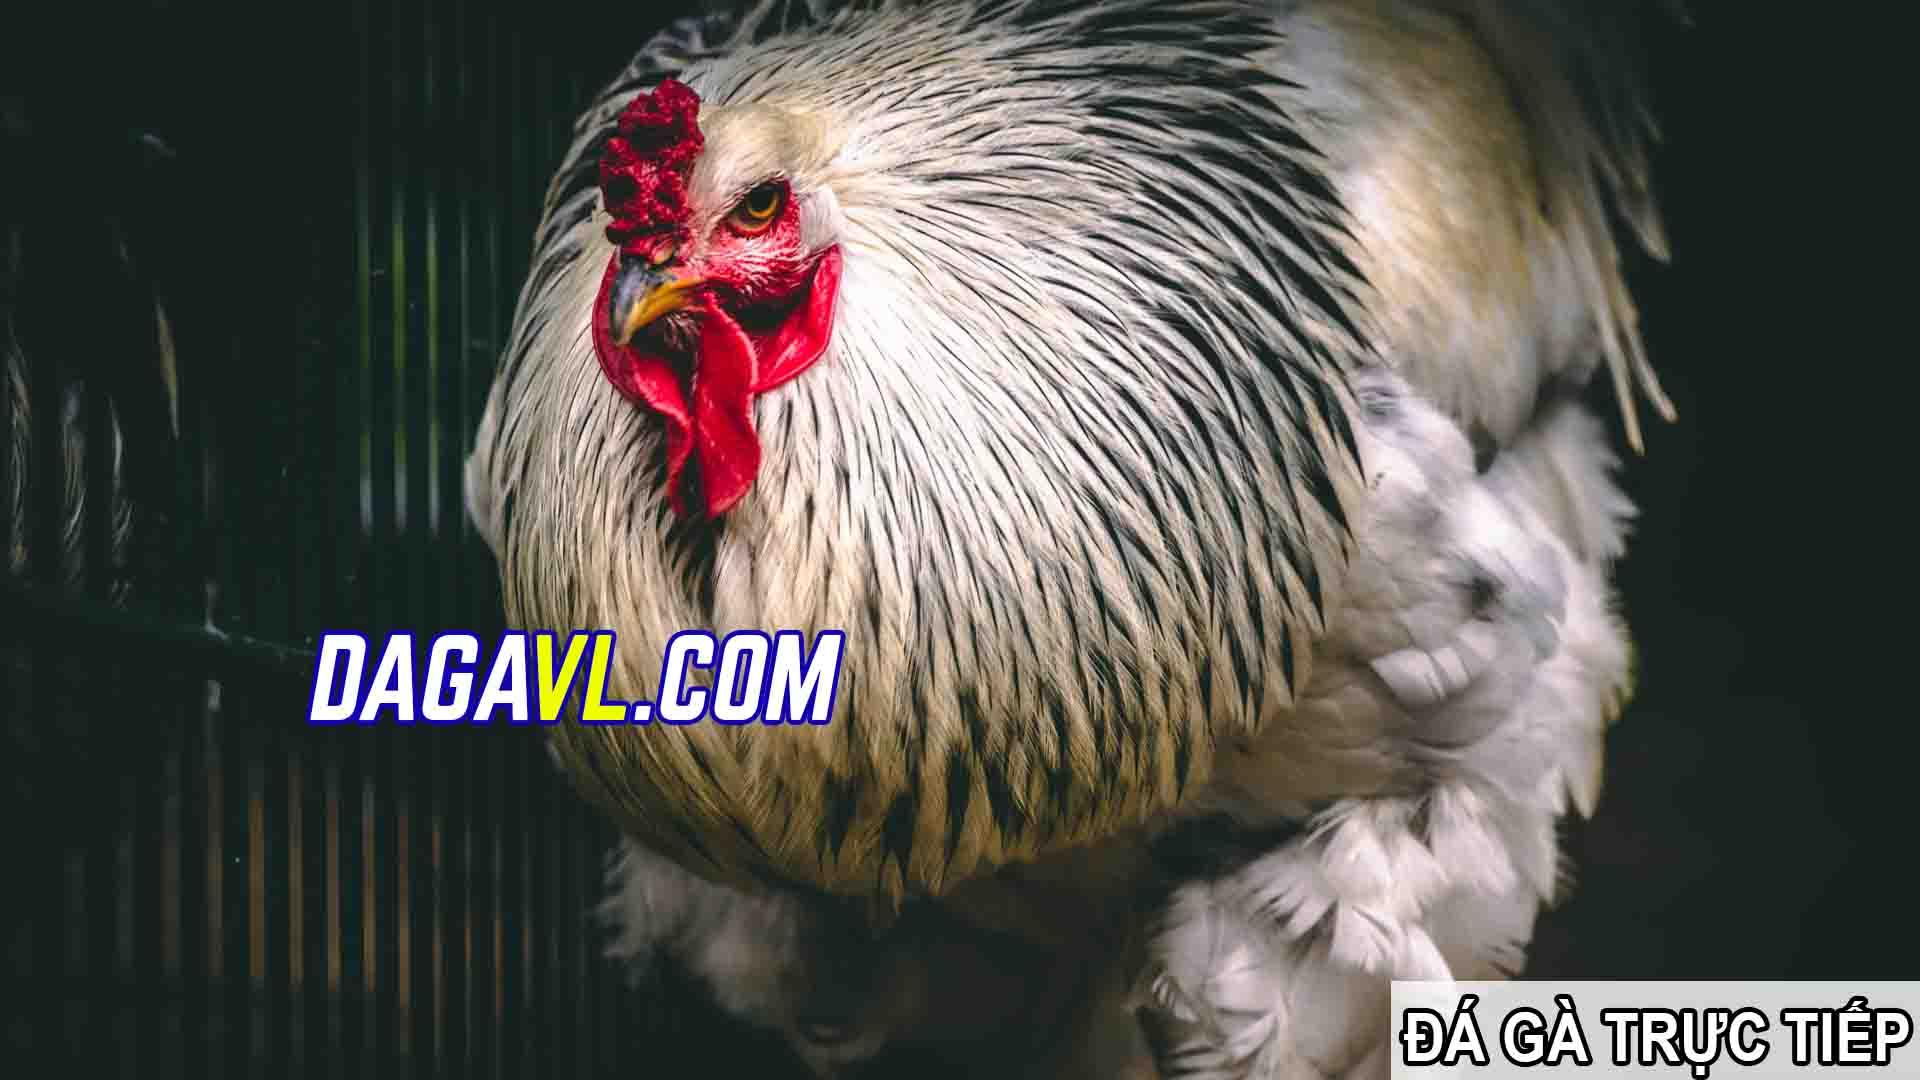 DAGAVL.COM - đá gà trực tiếp. Cách nuôi gà đá tốt nhất